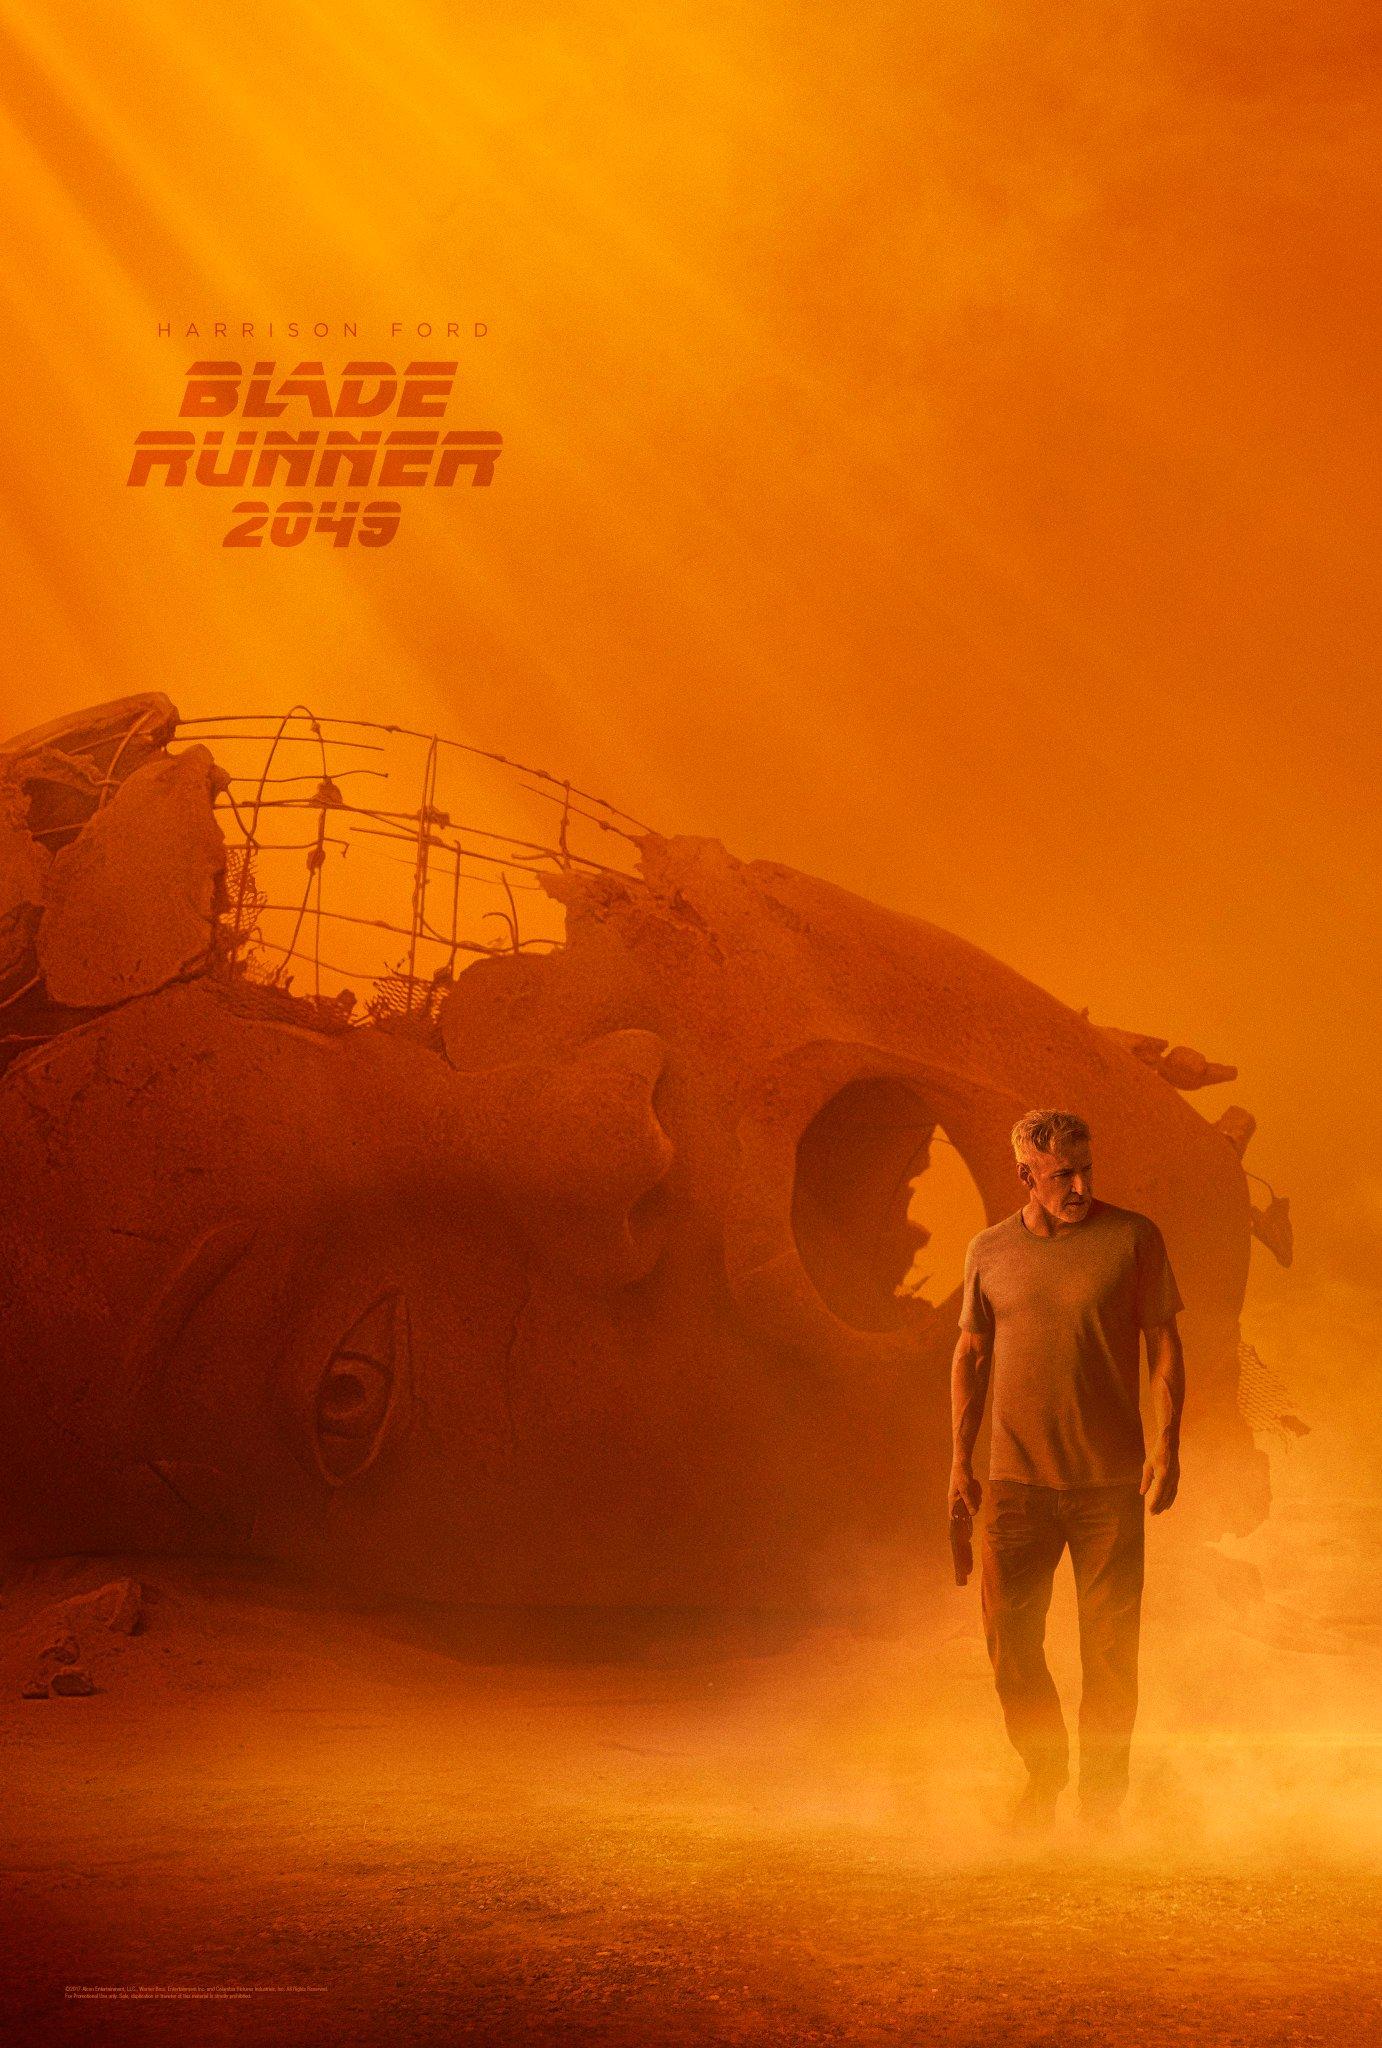 blade-runner-2049-poster-harrison-ford.jpeg